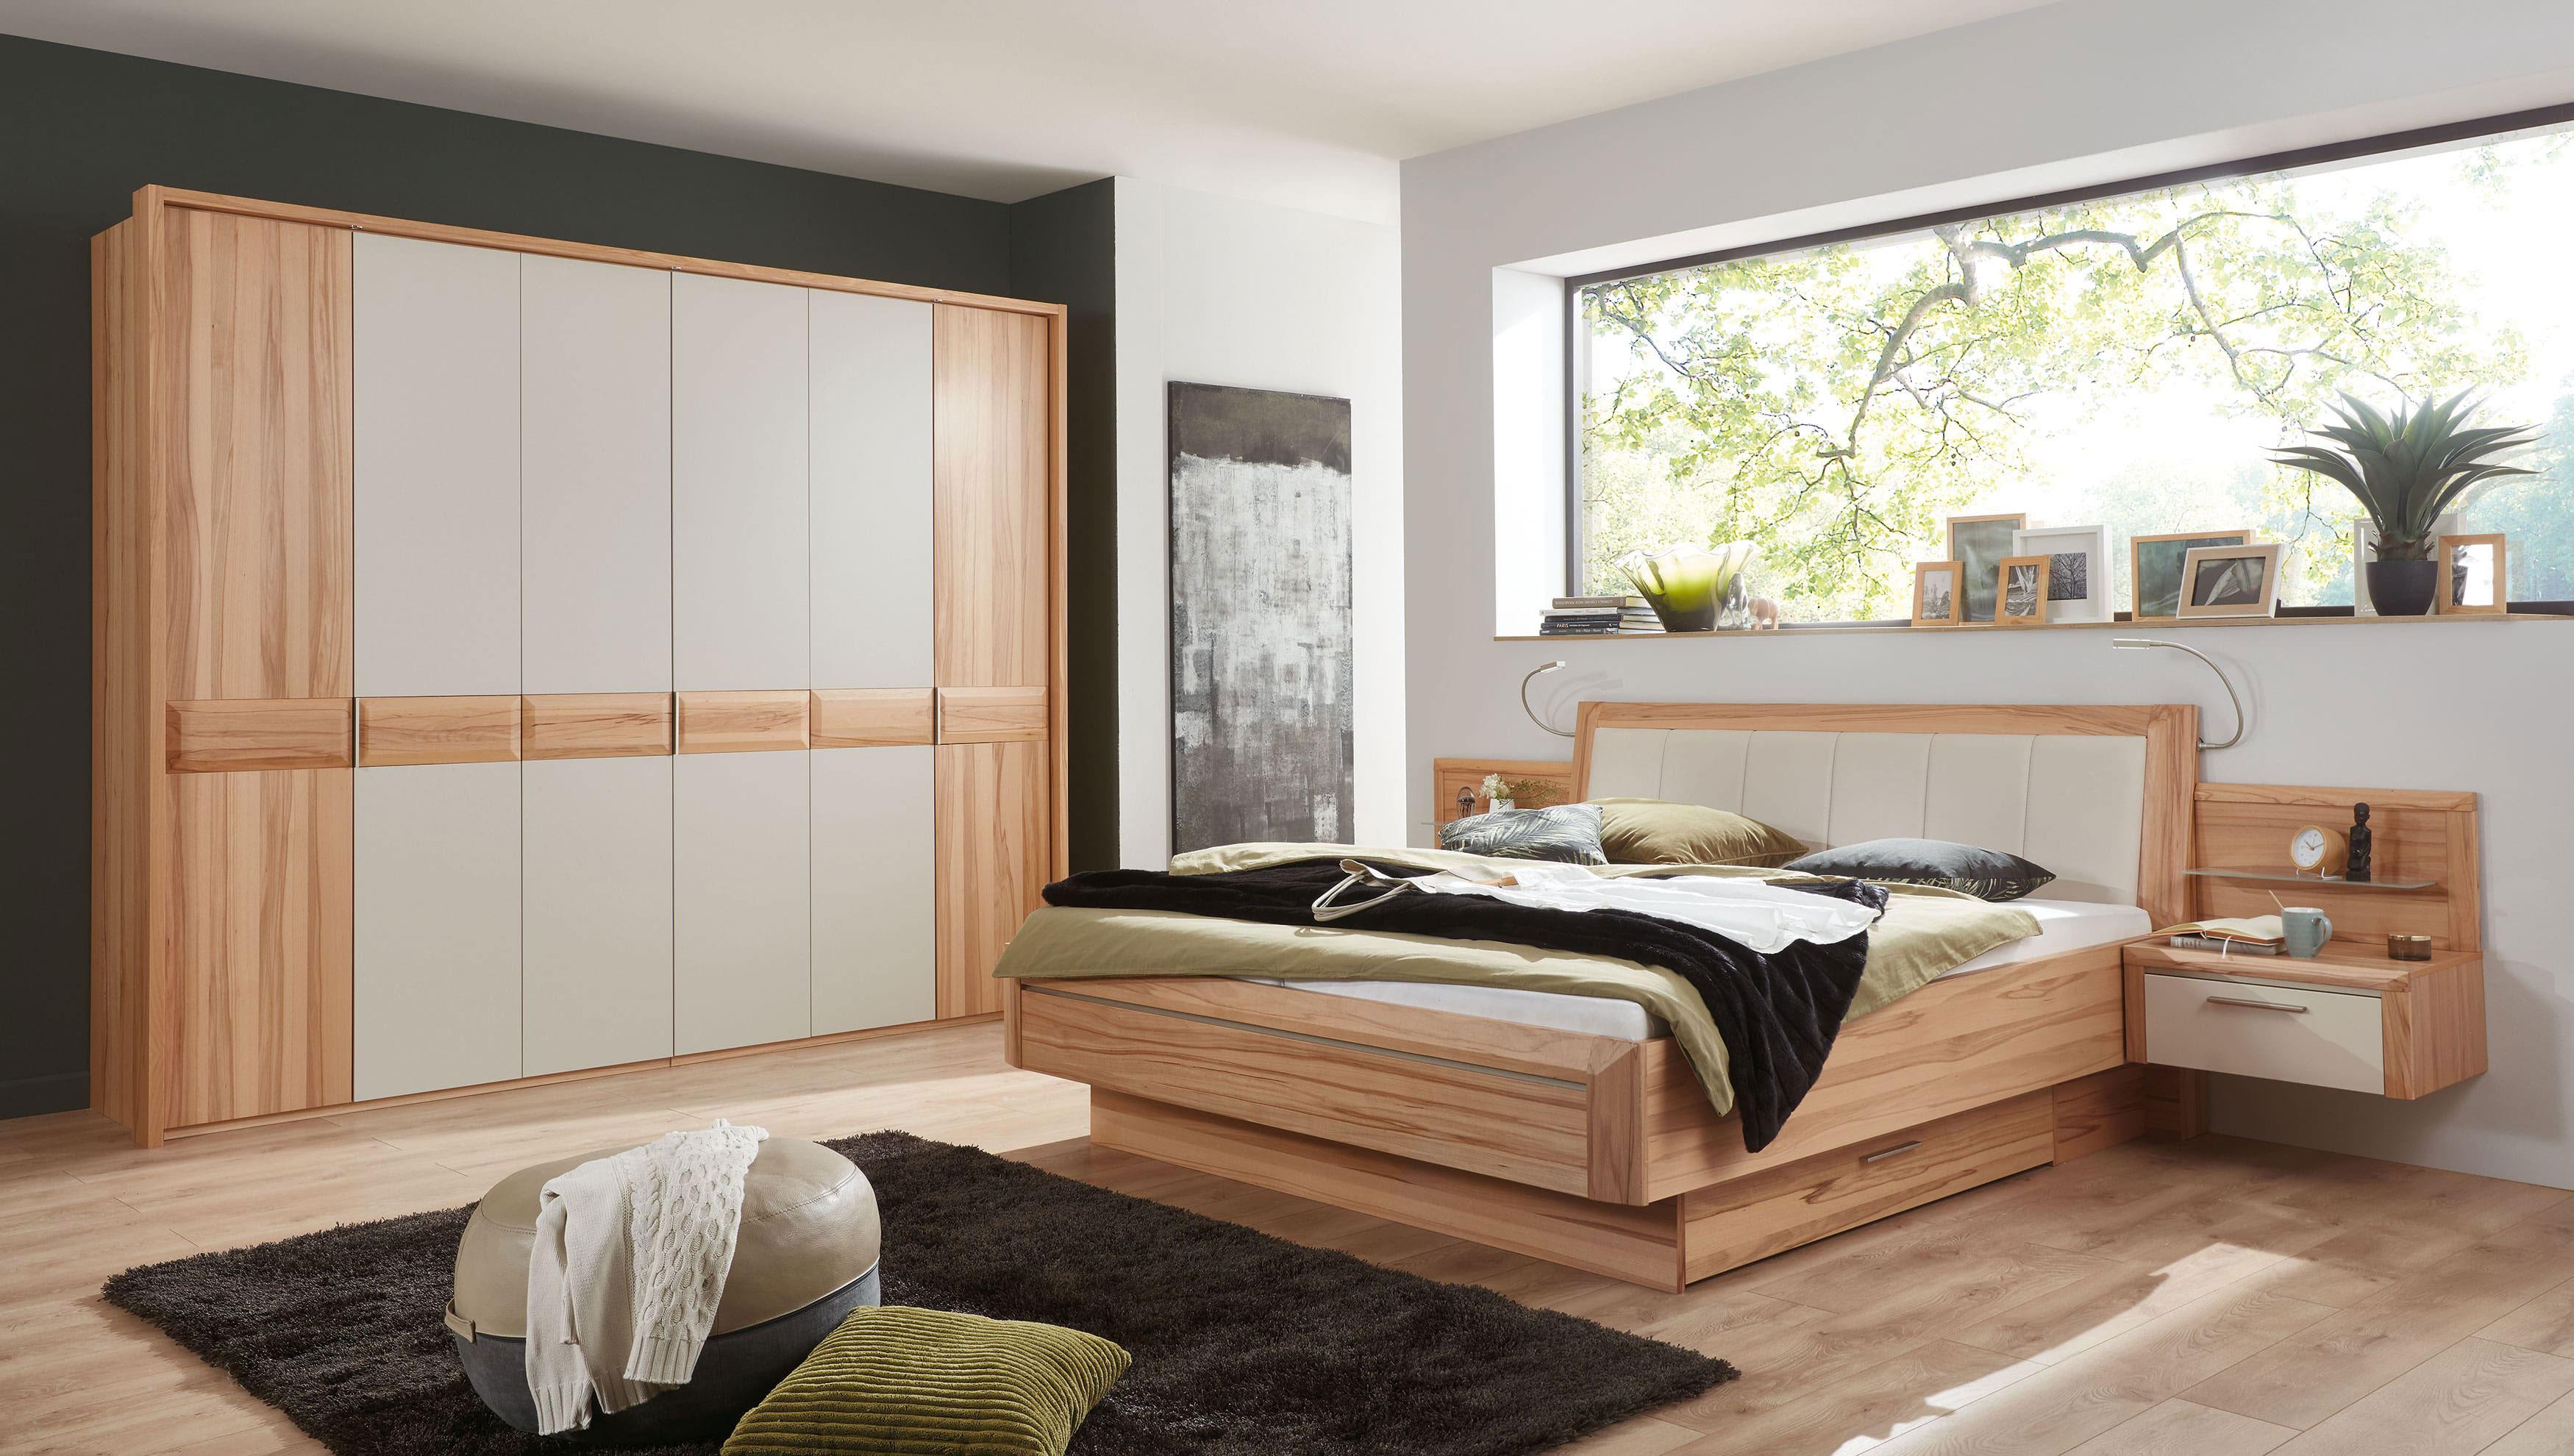 Disselkamp Cavalino schlafzimmer Einrichtung